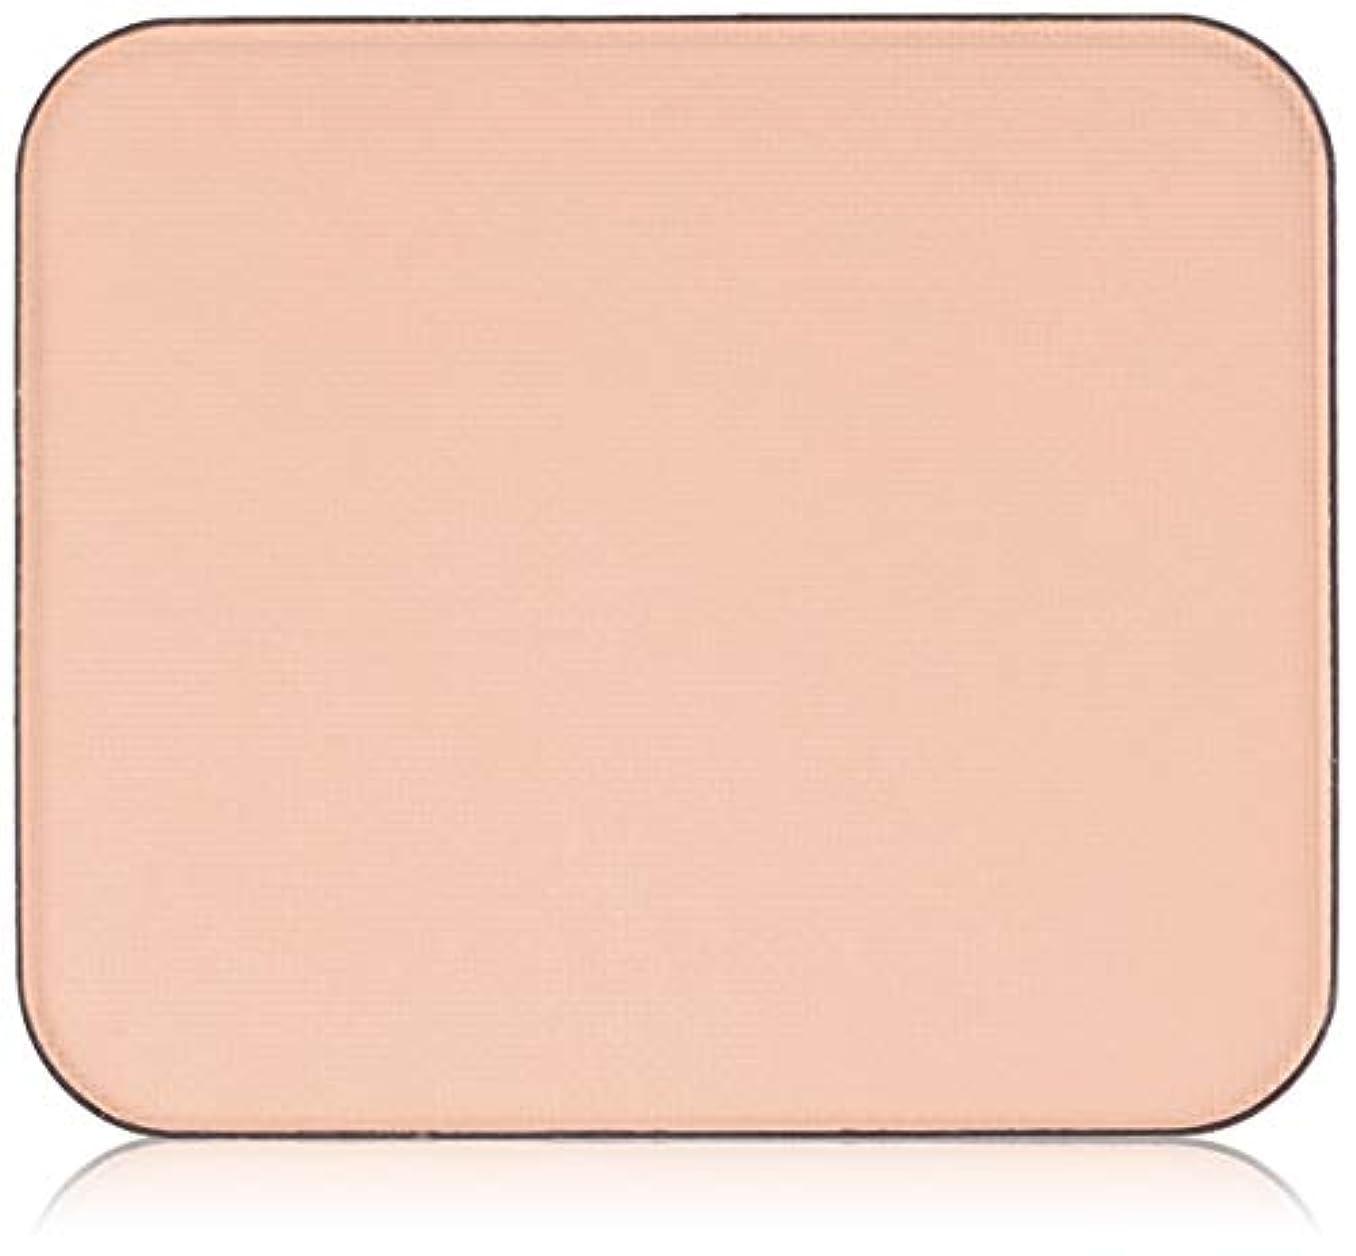 劇場ページ挑むCelvoke(セルヴォーク) インテントスキン パウダーファンデーション 全5色 101 明るいピンクオークル系